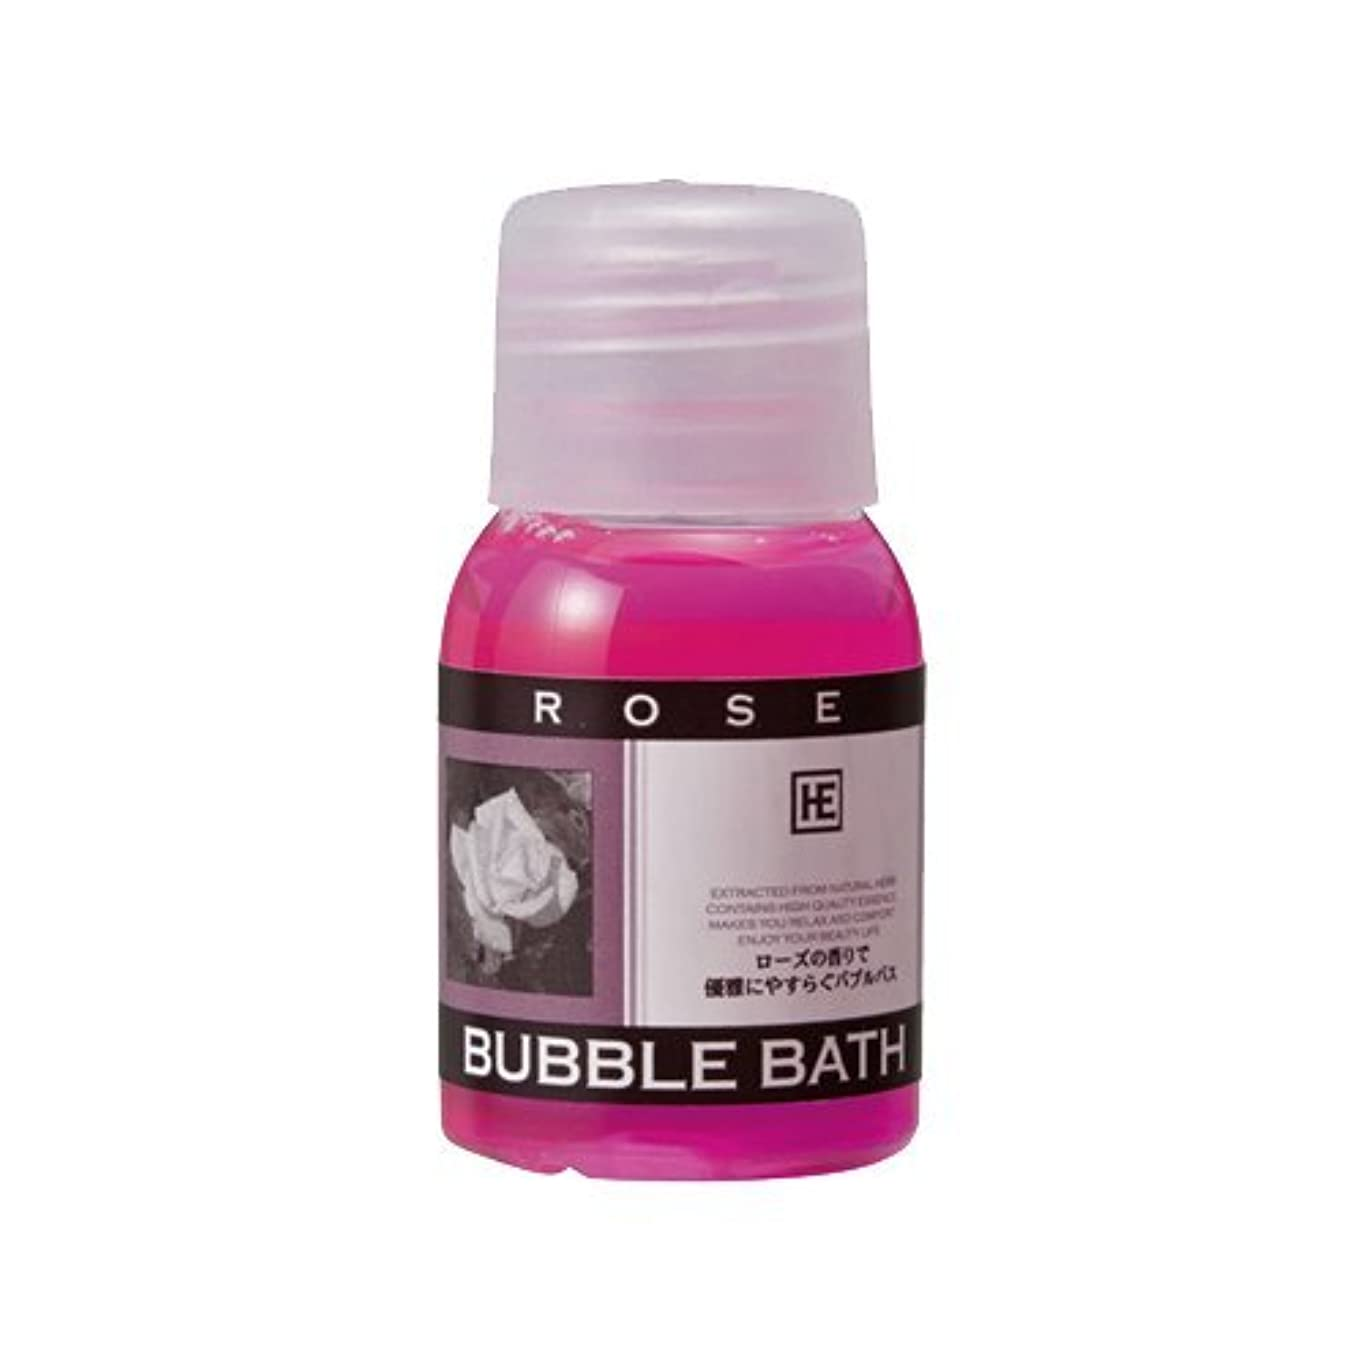 カヌー男センブランスハーバルエクストラ バブルバス ミニボトル ローズの香り × 80個セット - ホテルアメニティ 業務用 発泡入浴剤 (BUBBLE BATH)